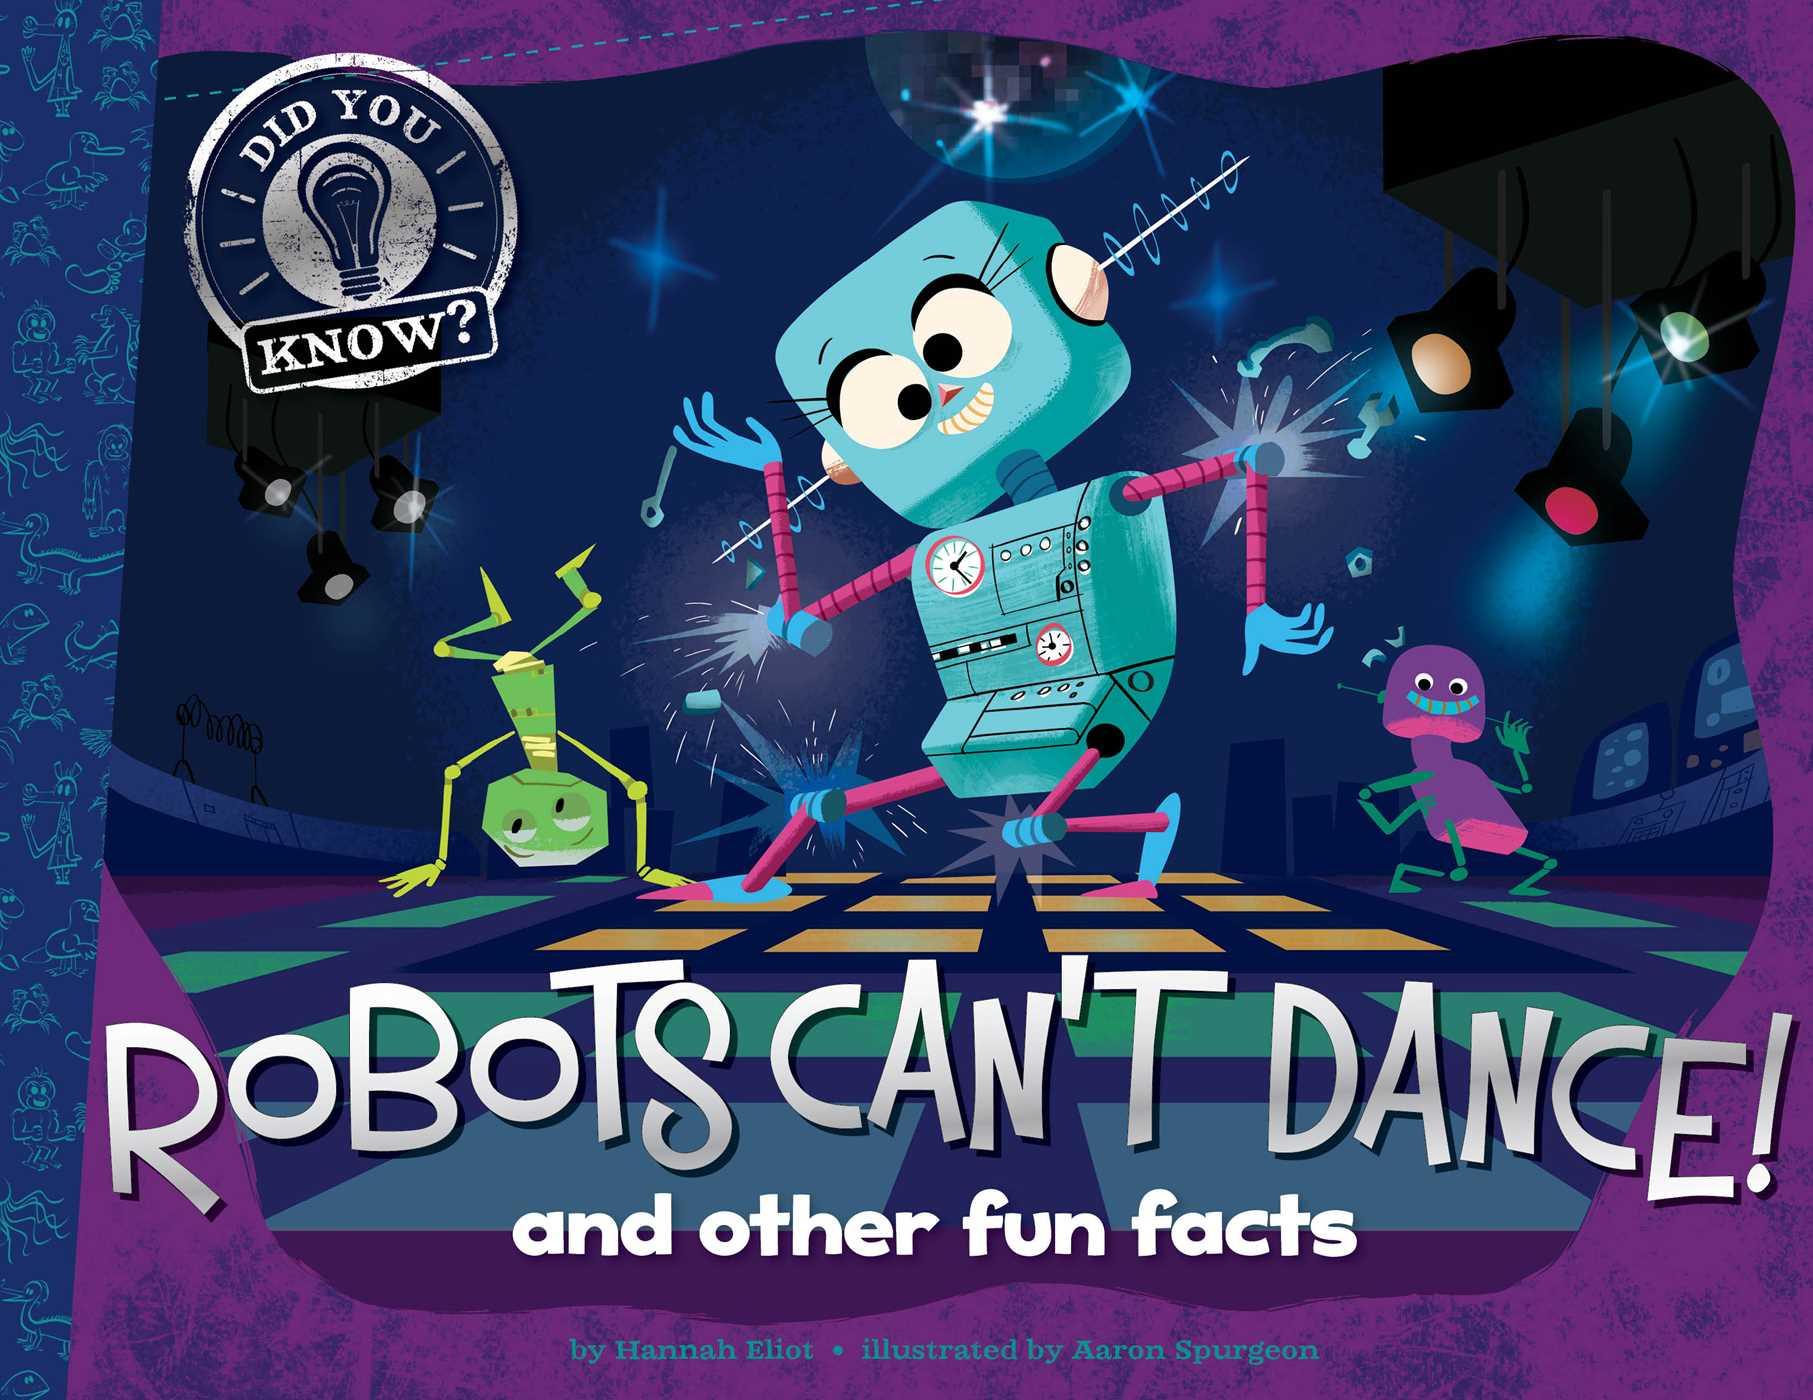 Robots cant dance 9781481491945 hr